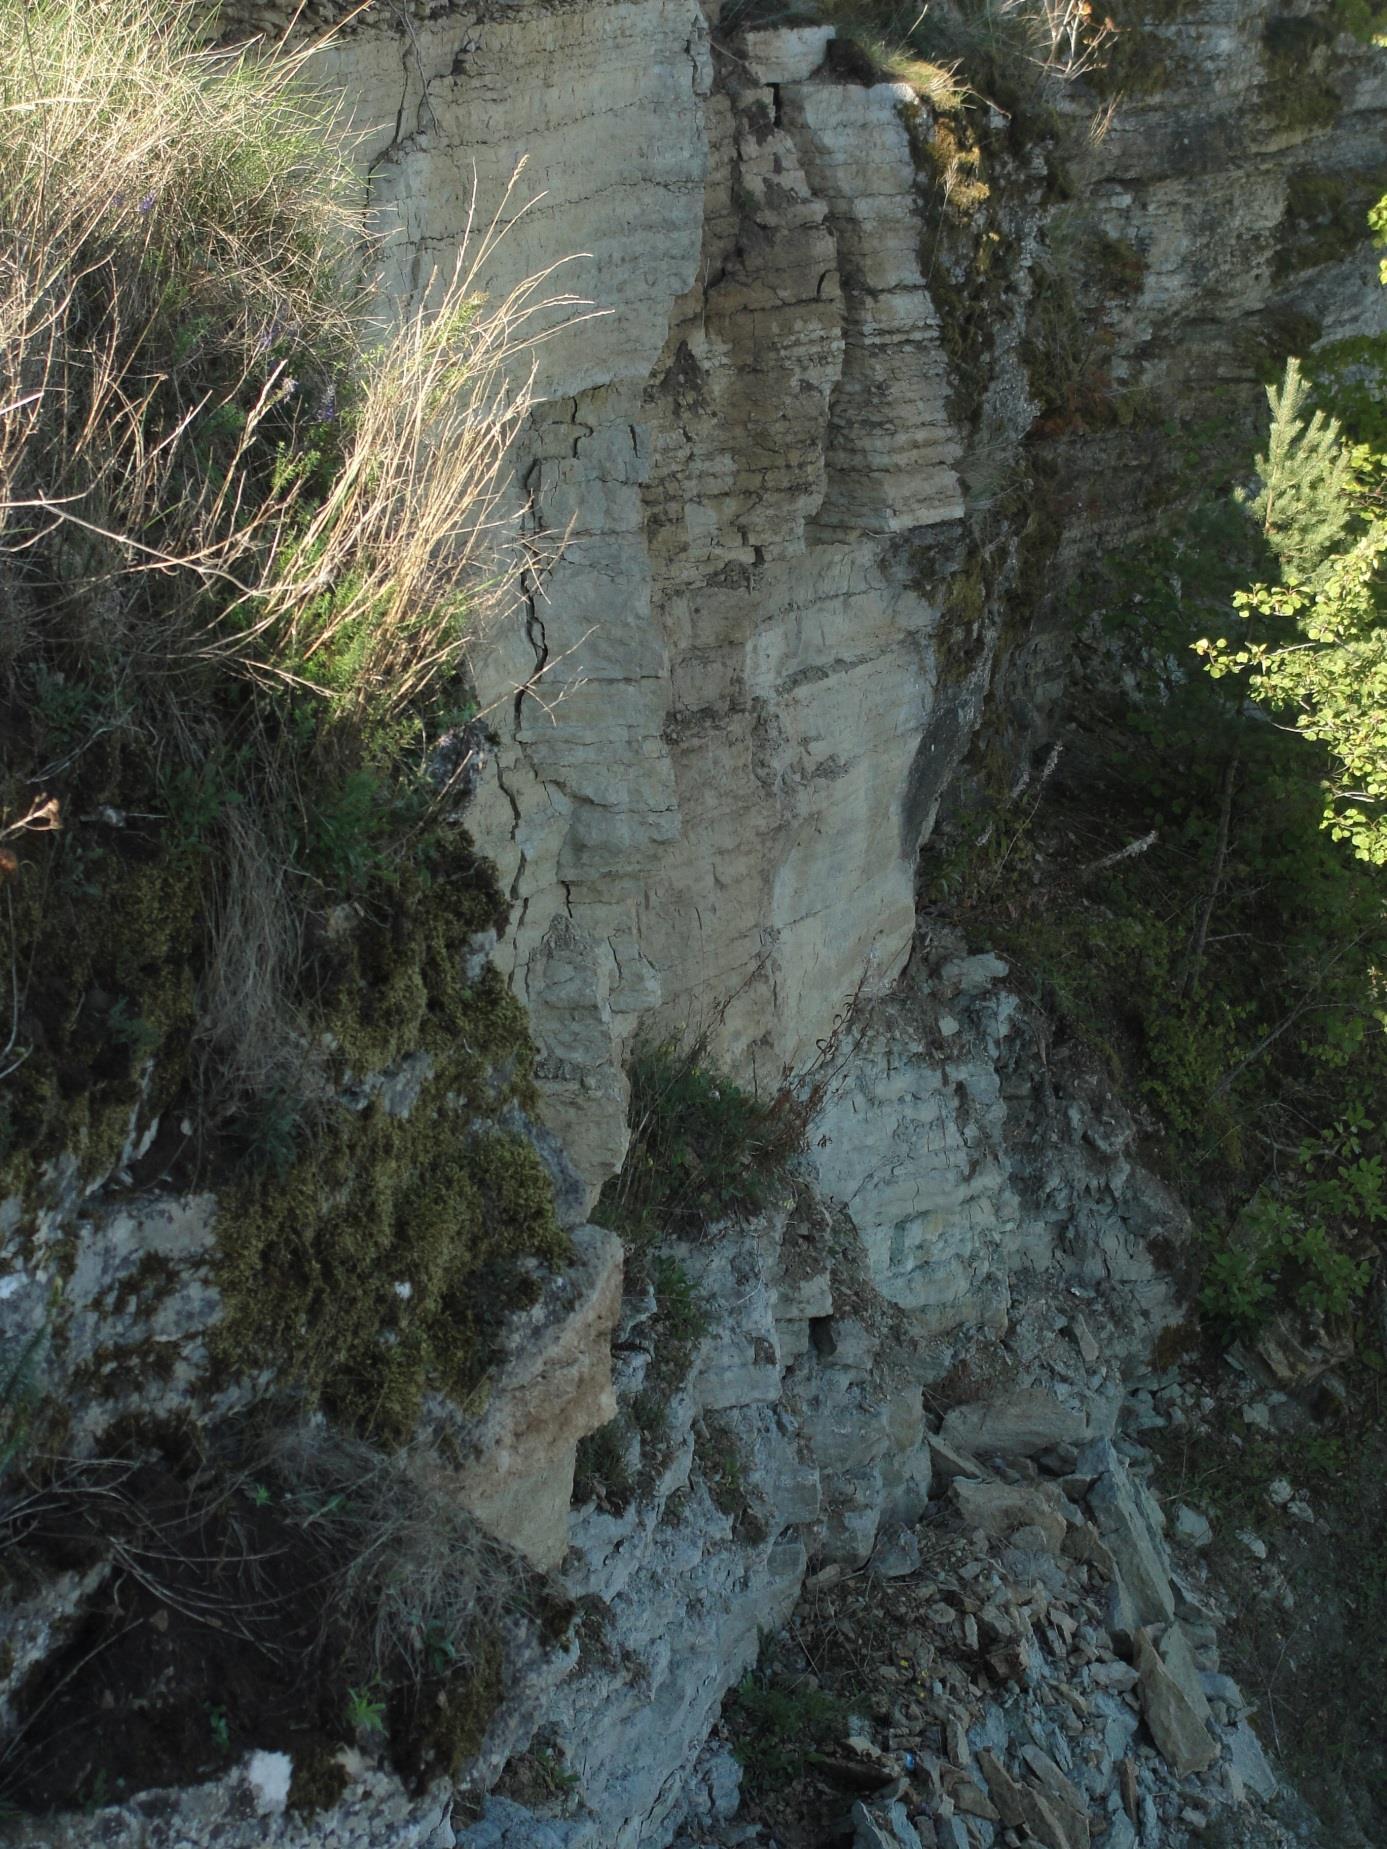 Rannamõisa pank. Karbonaatne läbilõige, pildistatud matkarajalt, astangu servalt ida suunas (foto: T. Ani, 2013).